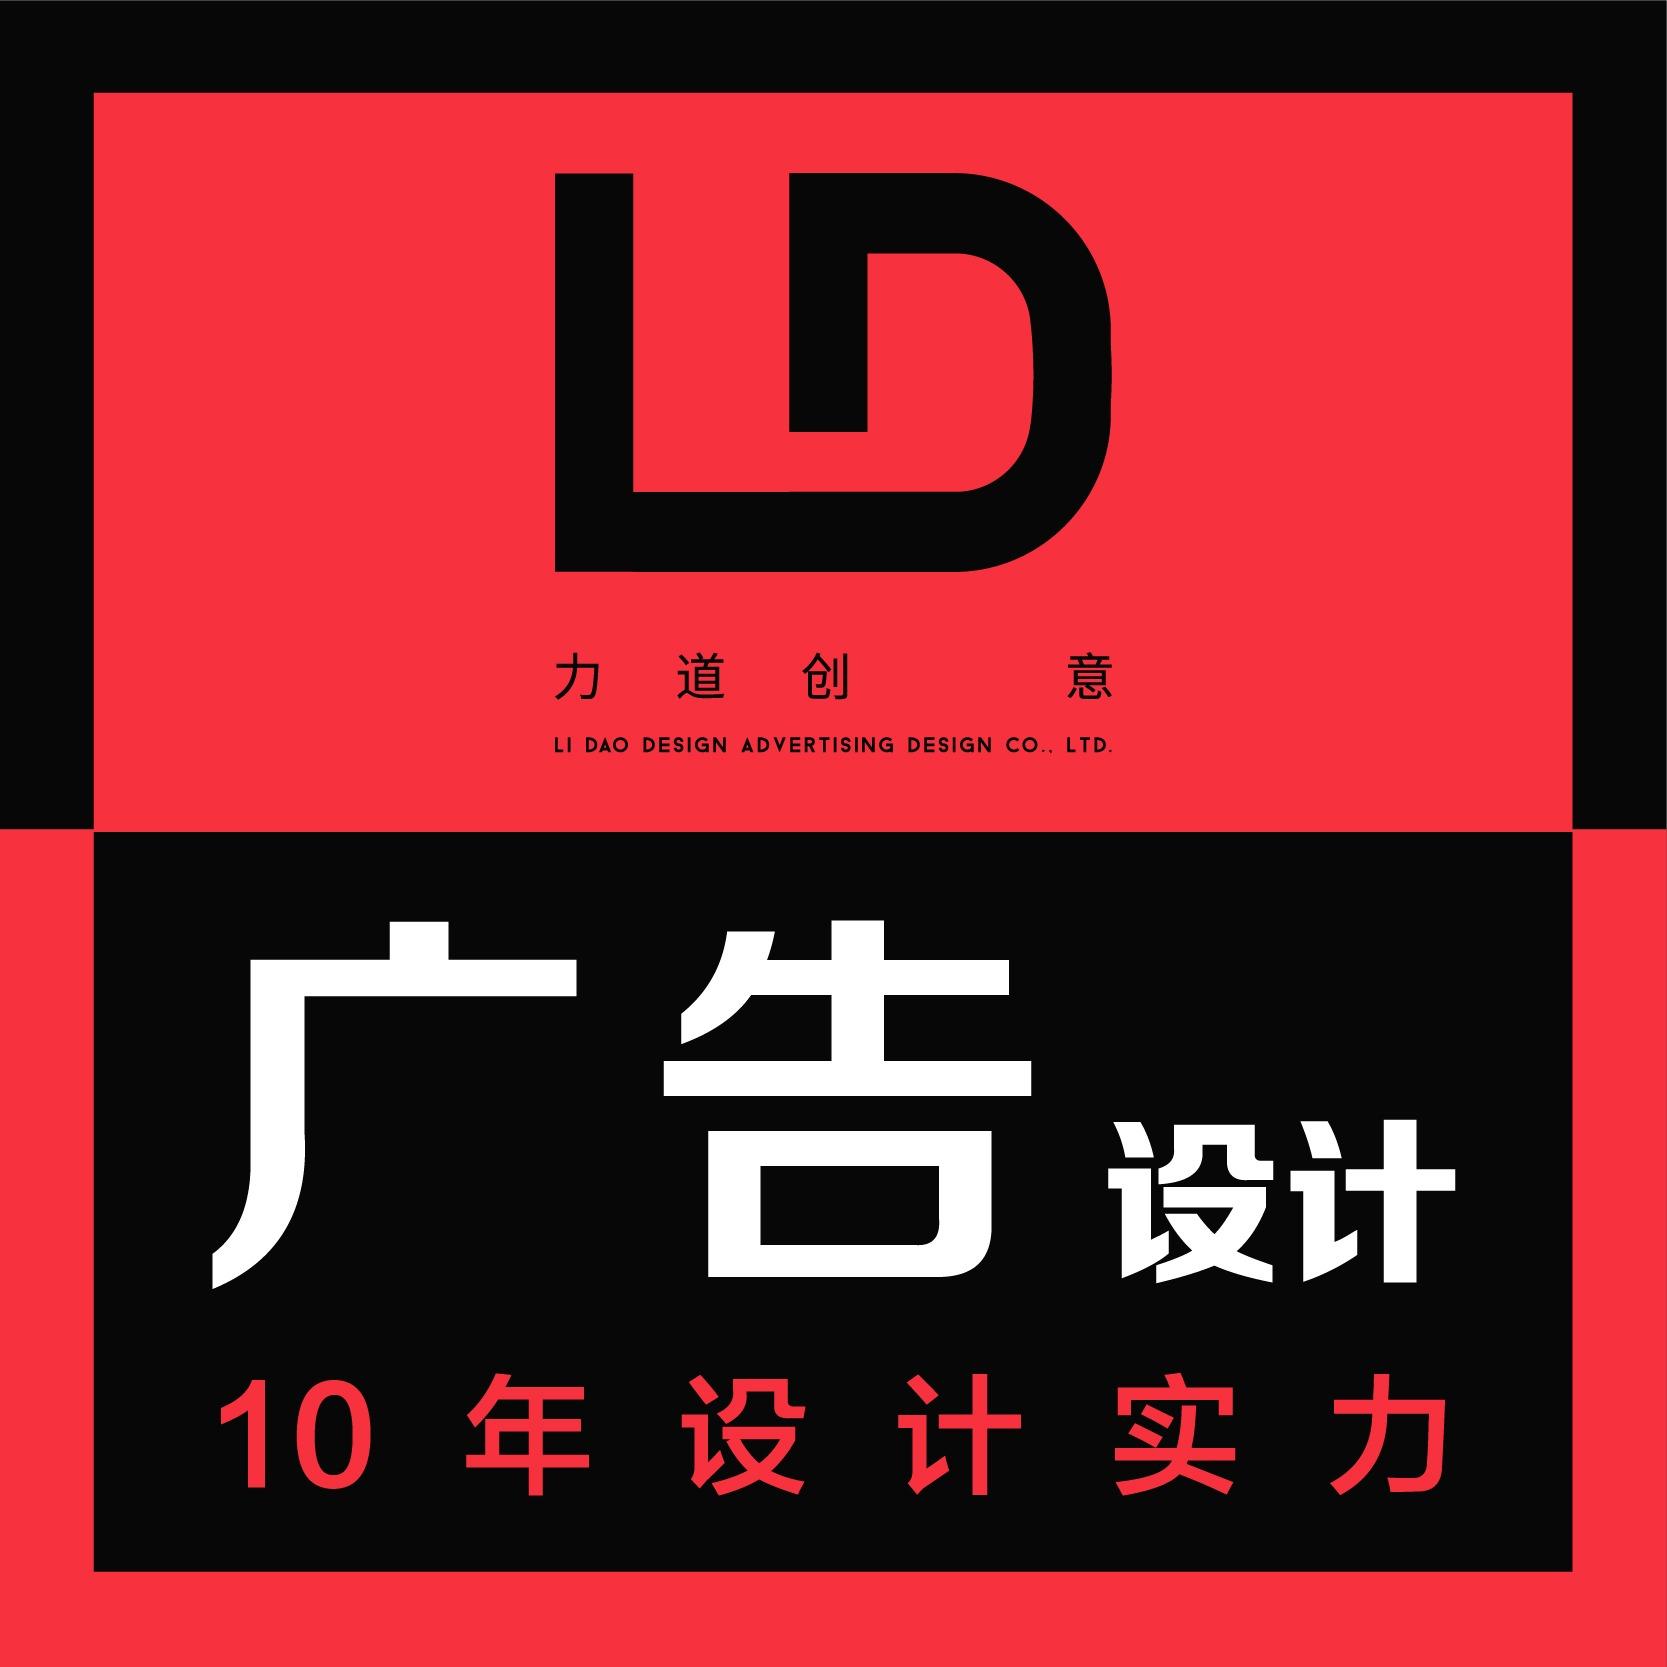 户外广告设计易拉宝设计X展架设计广告设计海报设计DM设计力道